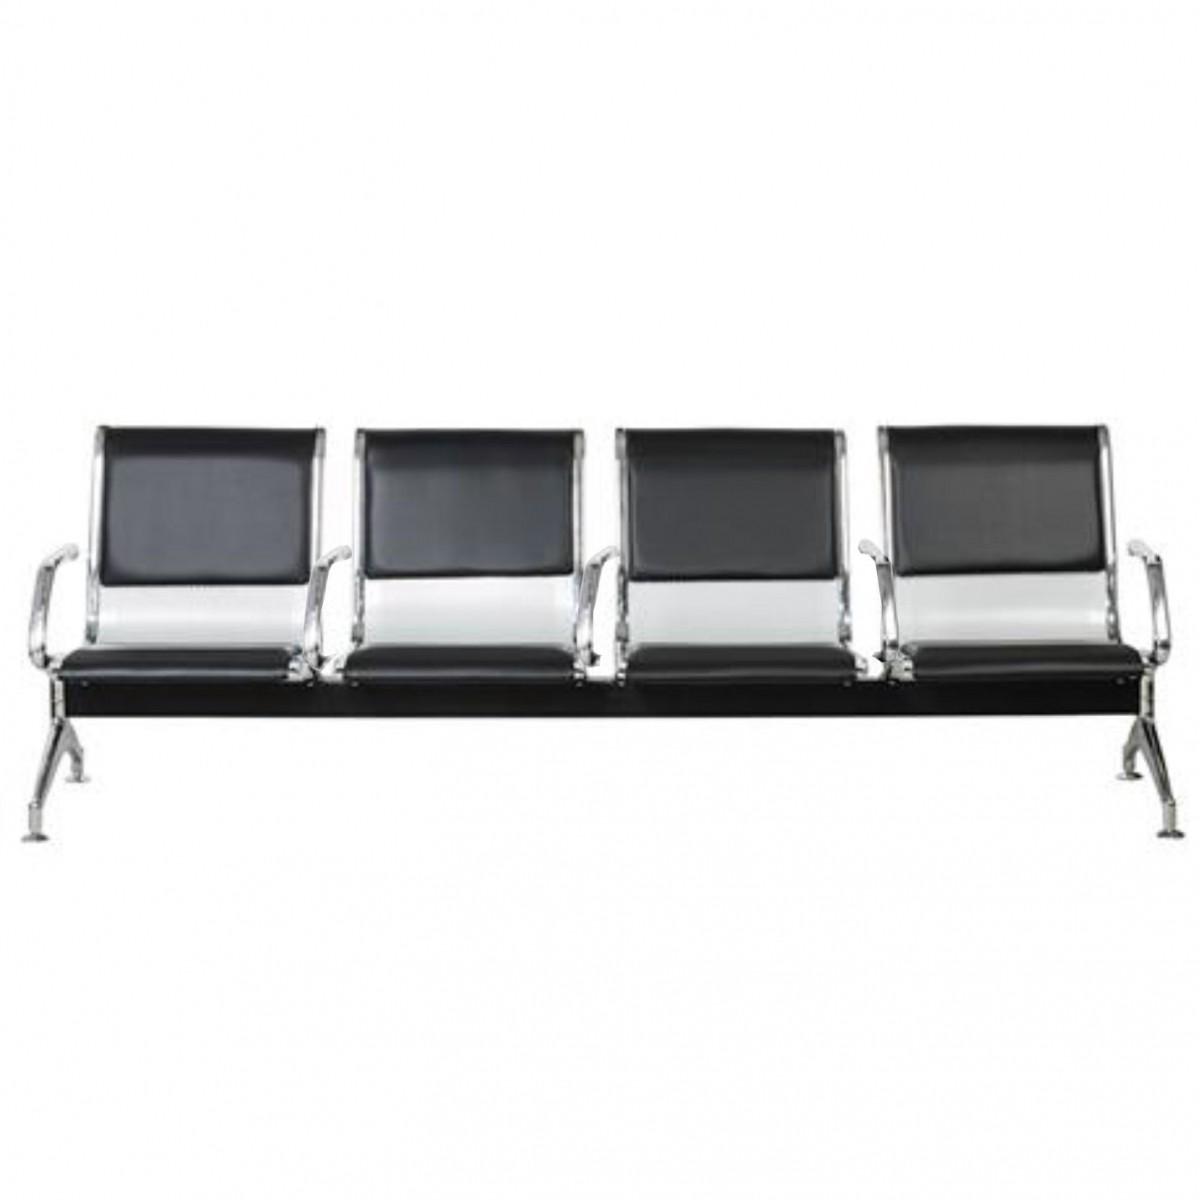 Cadeira Longarina Aeroporto Cromada com Estofamento 4 Lugares Com Braços